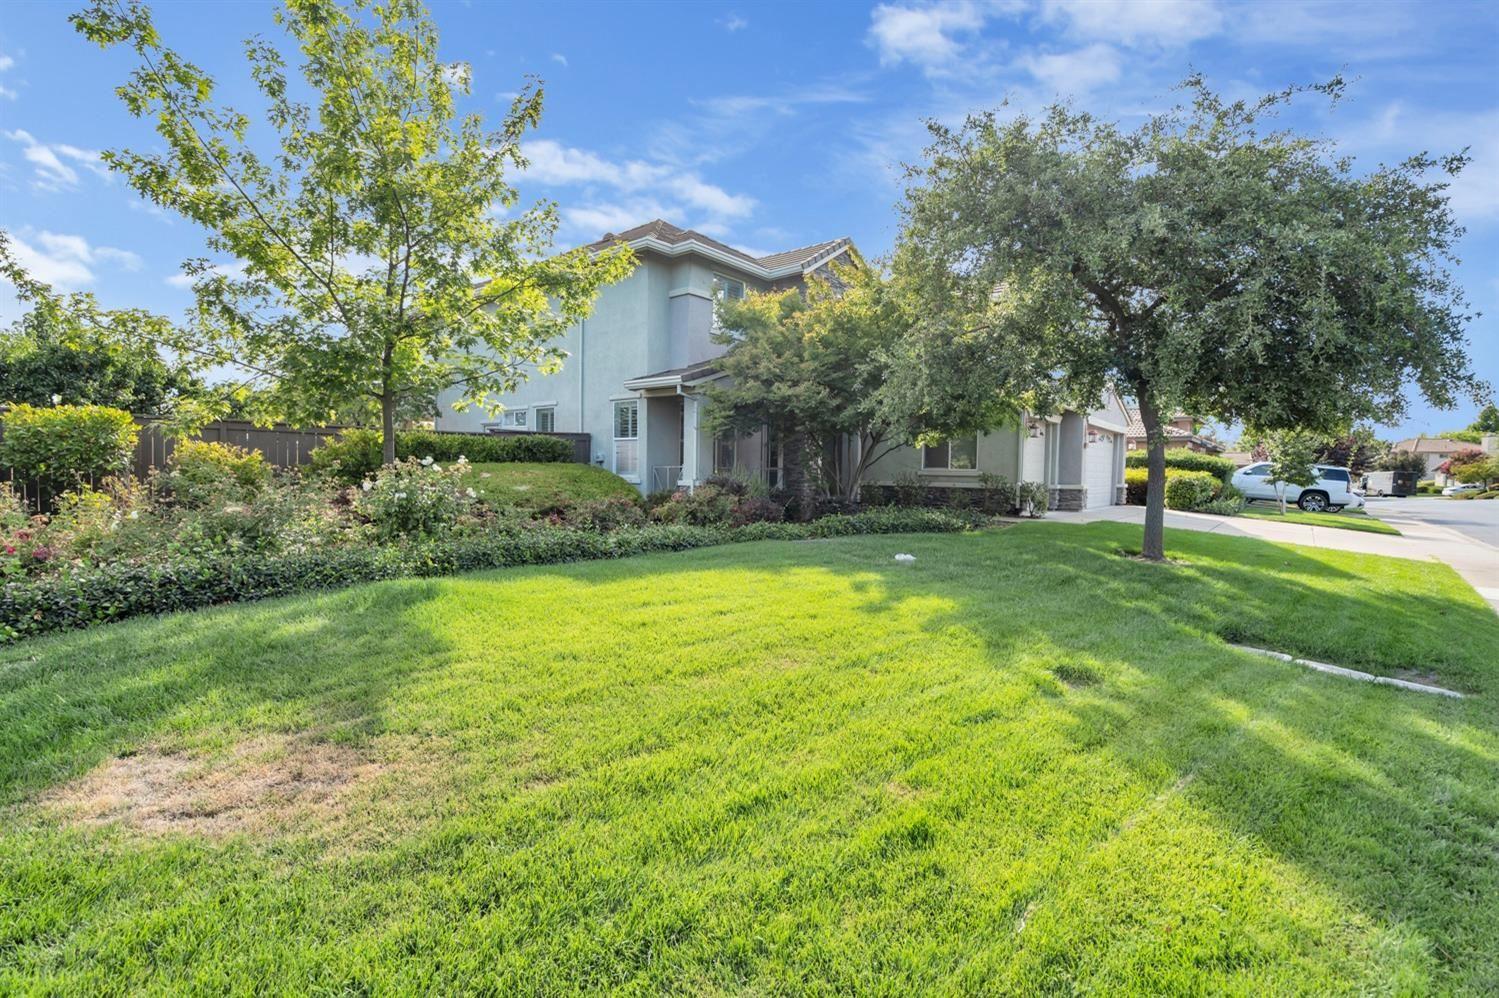 4202 Arenzano Way, El Dorado Hills, CA 95762 - MLS#: 221096778